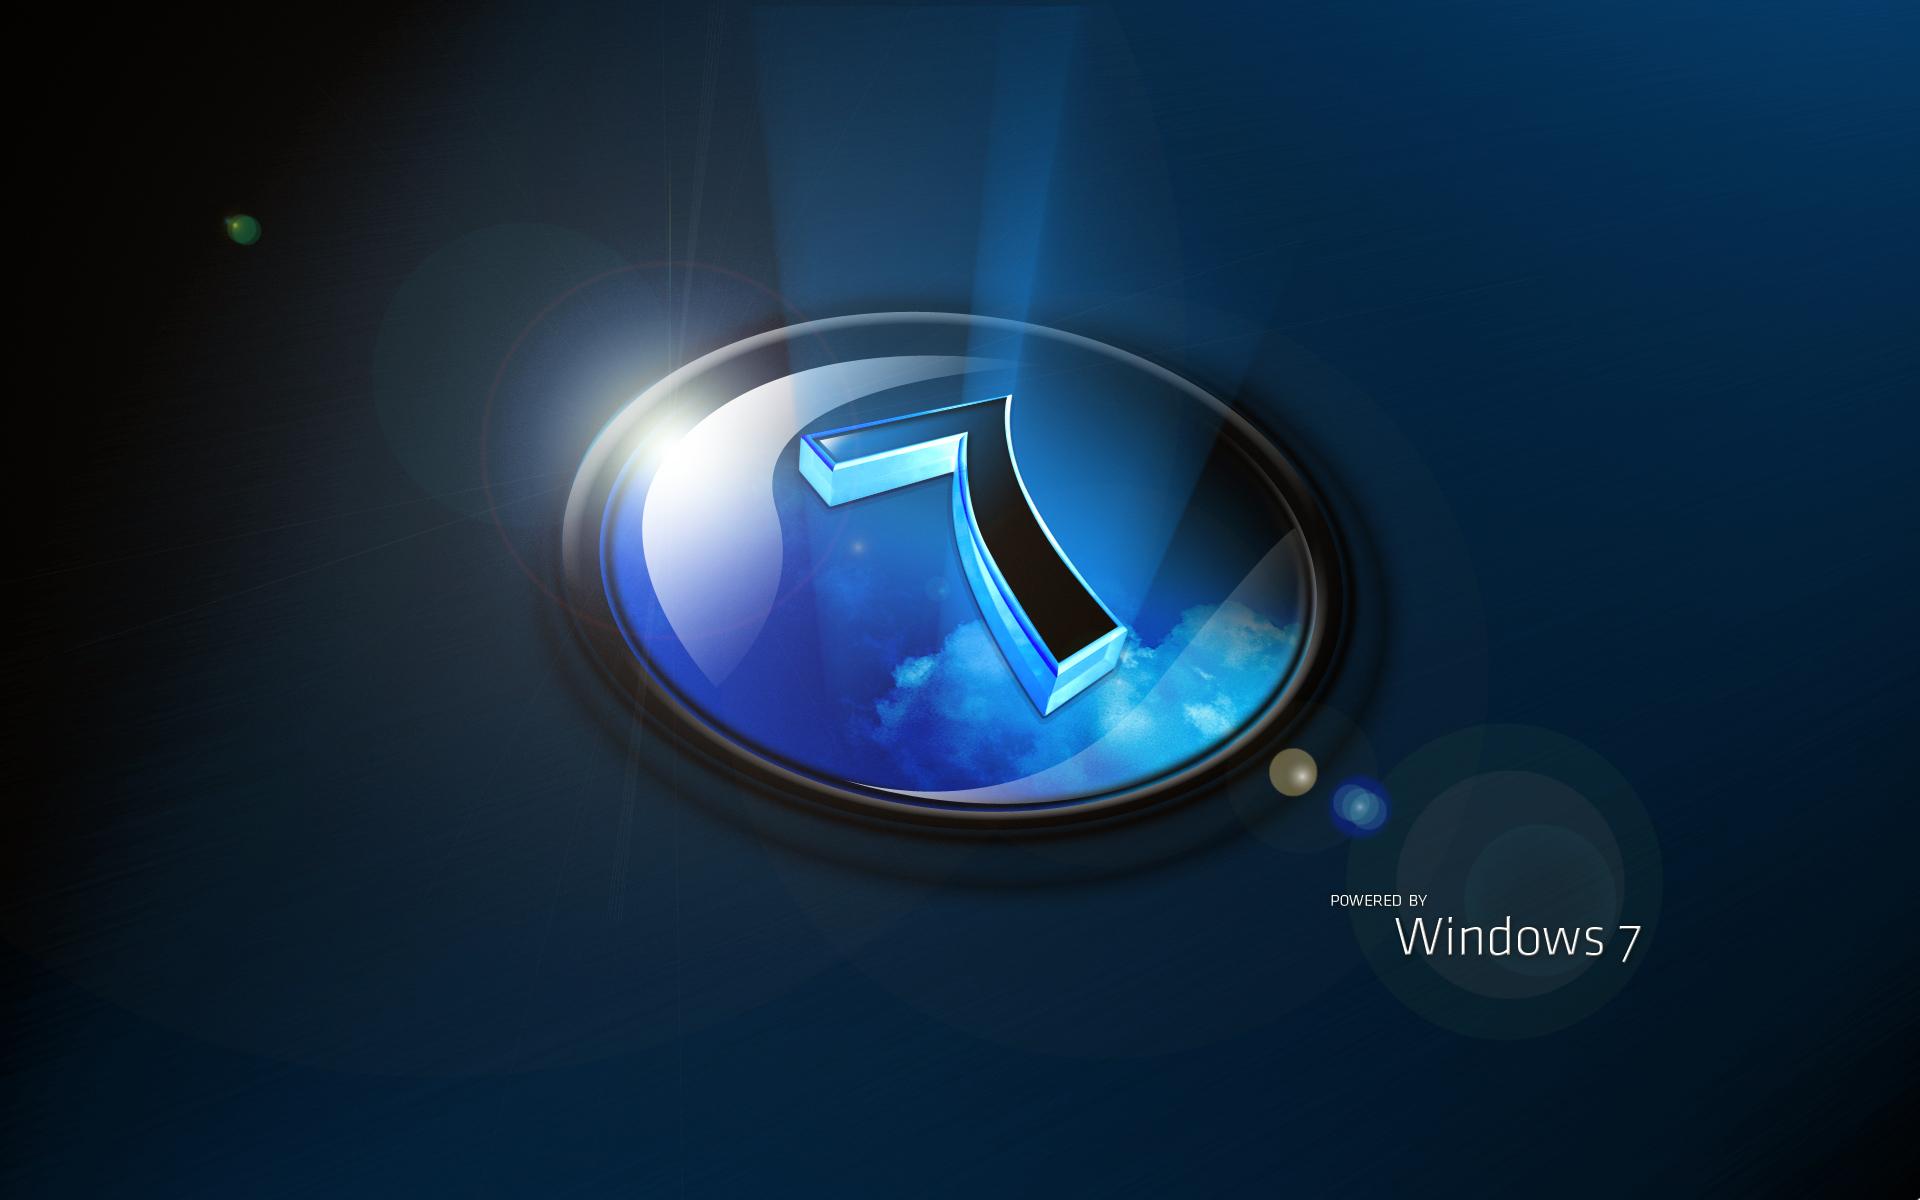 Hintergrund Hintergrundbilder Wallpaper Windows 7 Windows FAQ 1920x1200